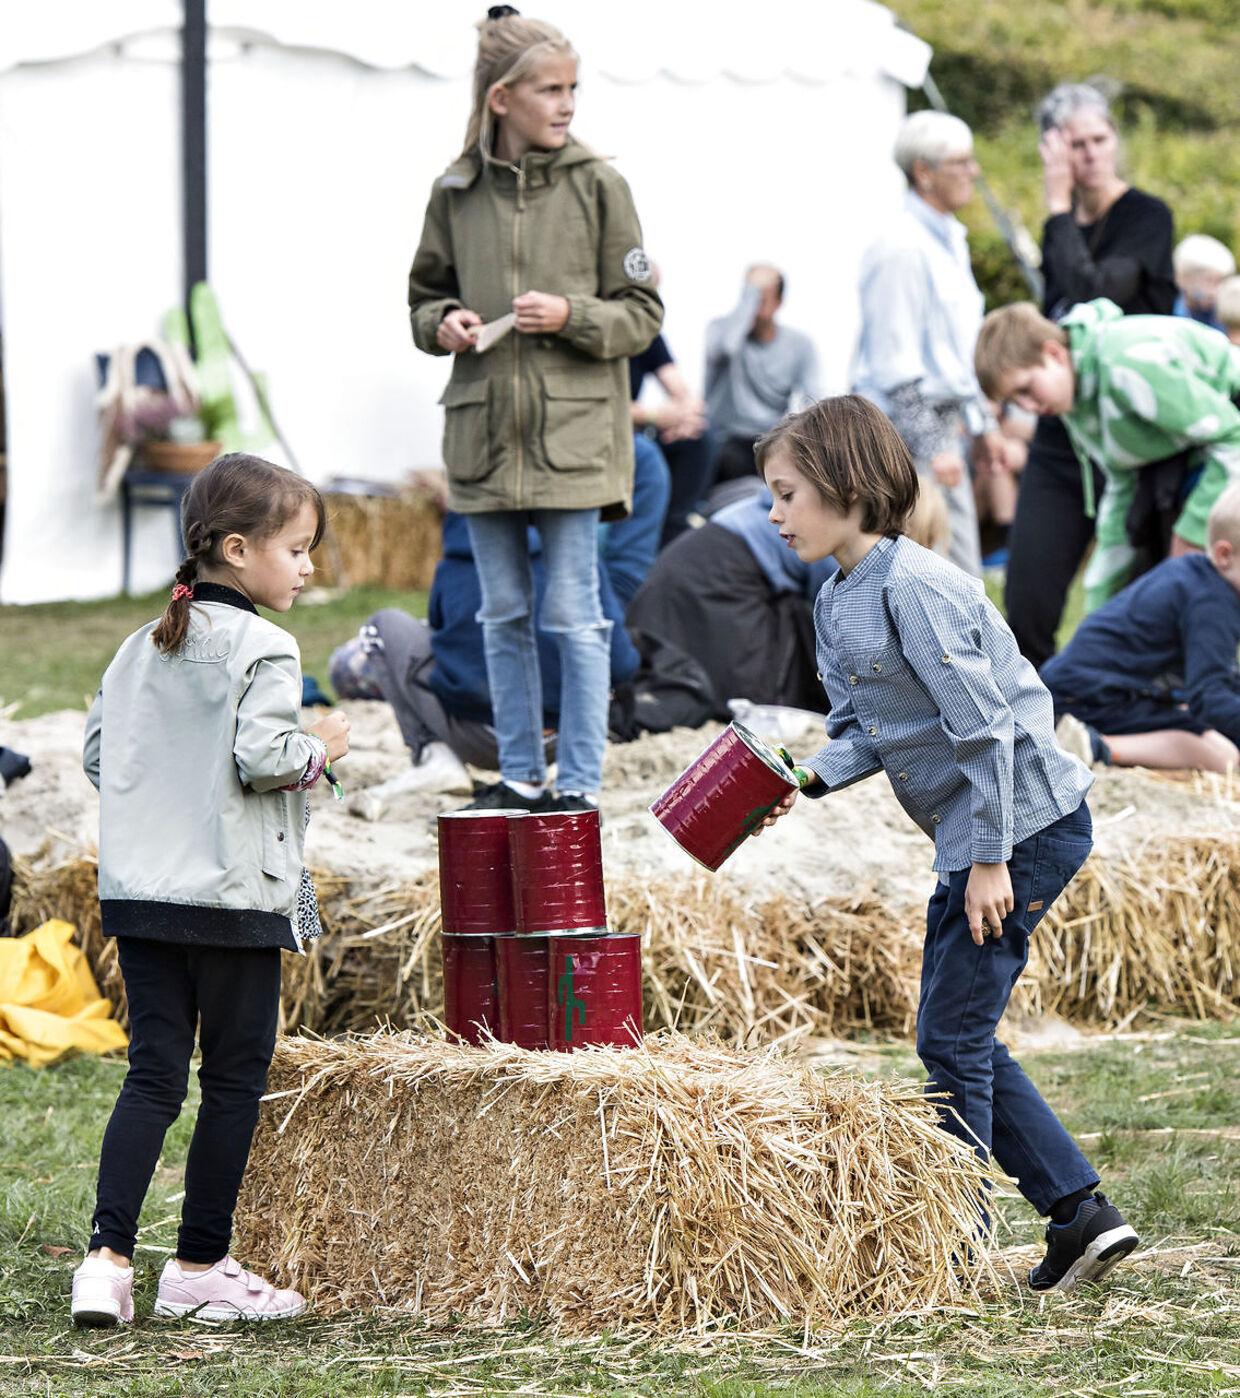 Prinsesse Marie, Prins Joachim med børnene Prinsesse Athena og Prins Henrik besøger Tønder Festivalen fredag 24. august 2018.